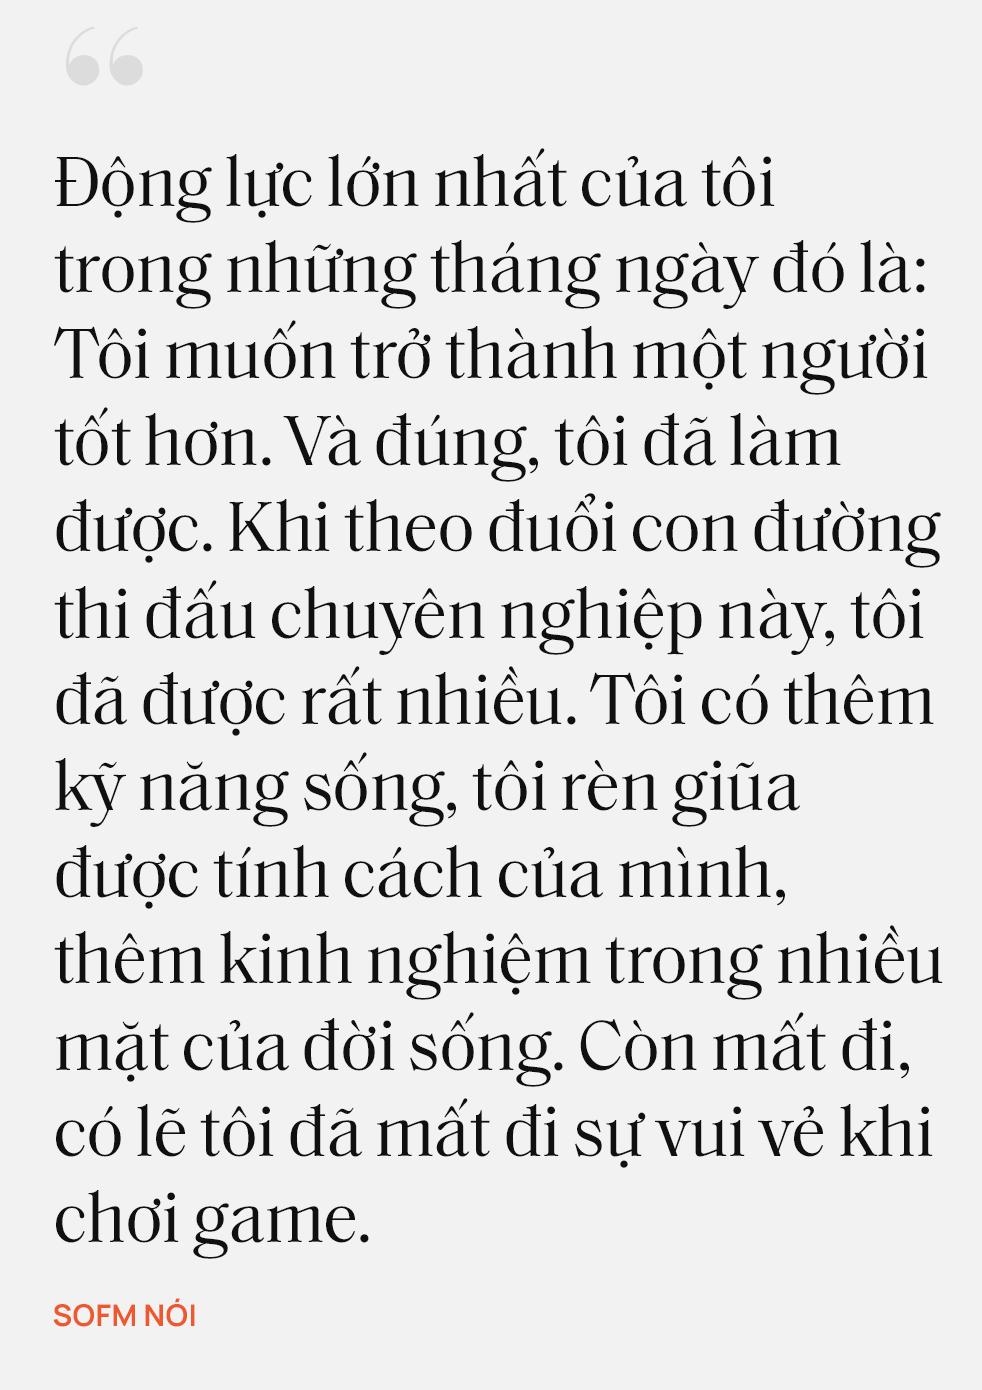 SofM: Vua trò chơi, niềm tự hào, ngôi sao rực rỡ nhất của nền eSports Việt - Ảnh 11.